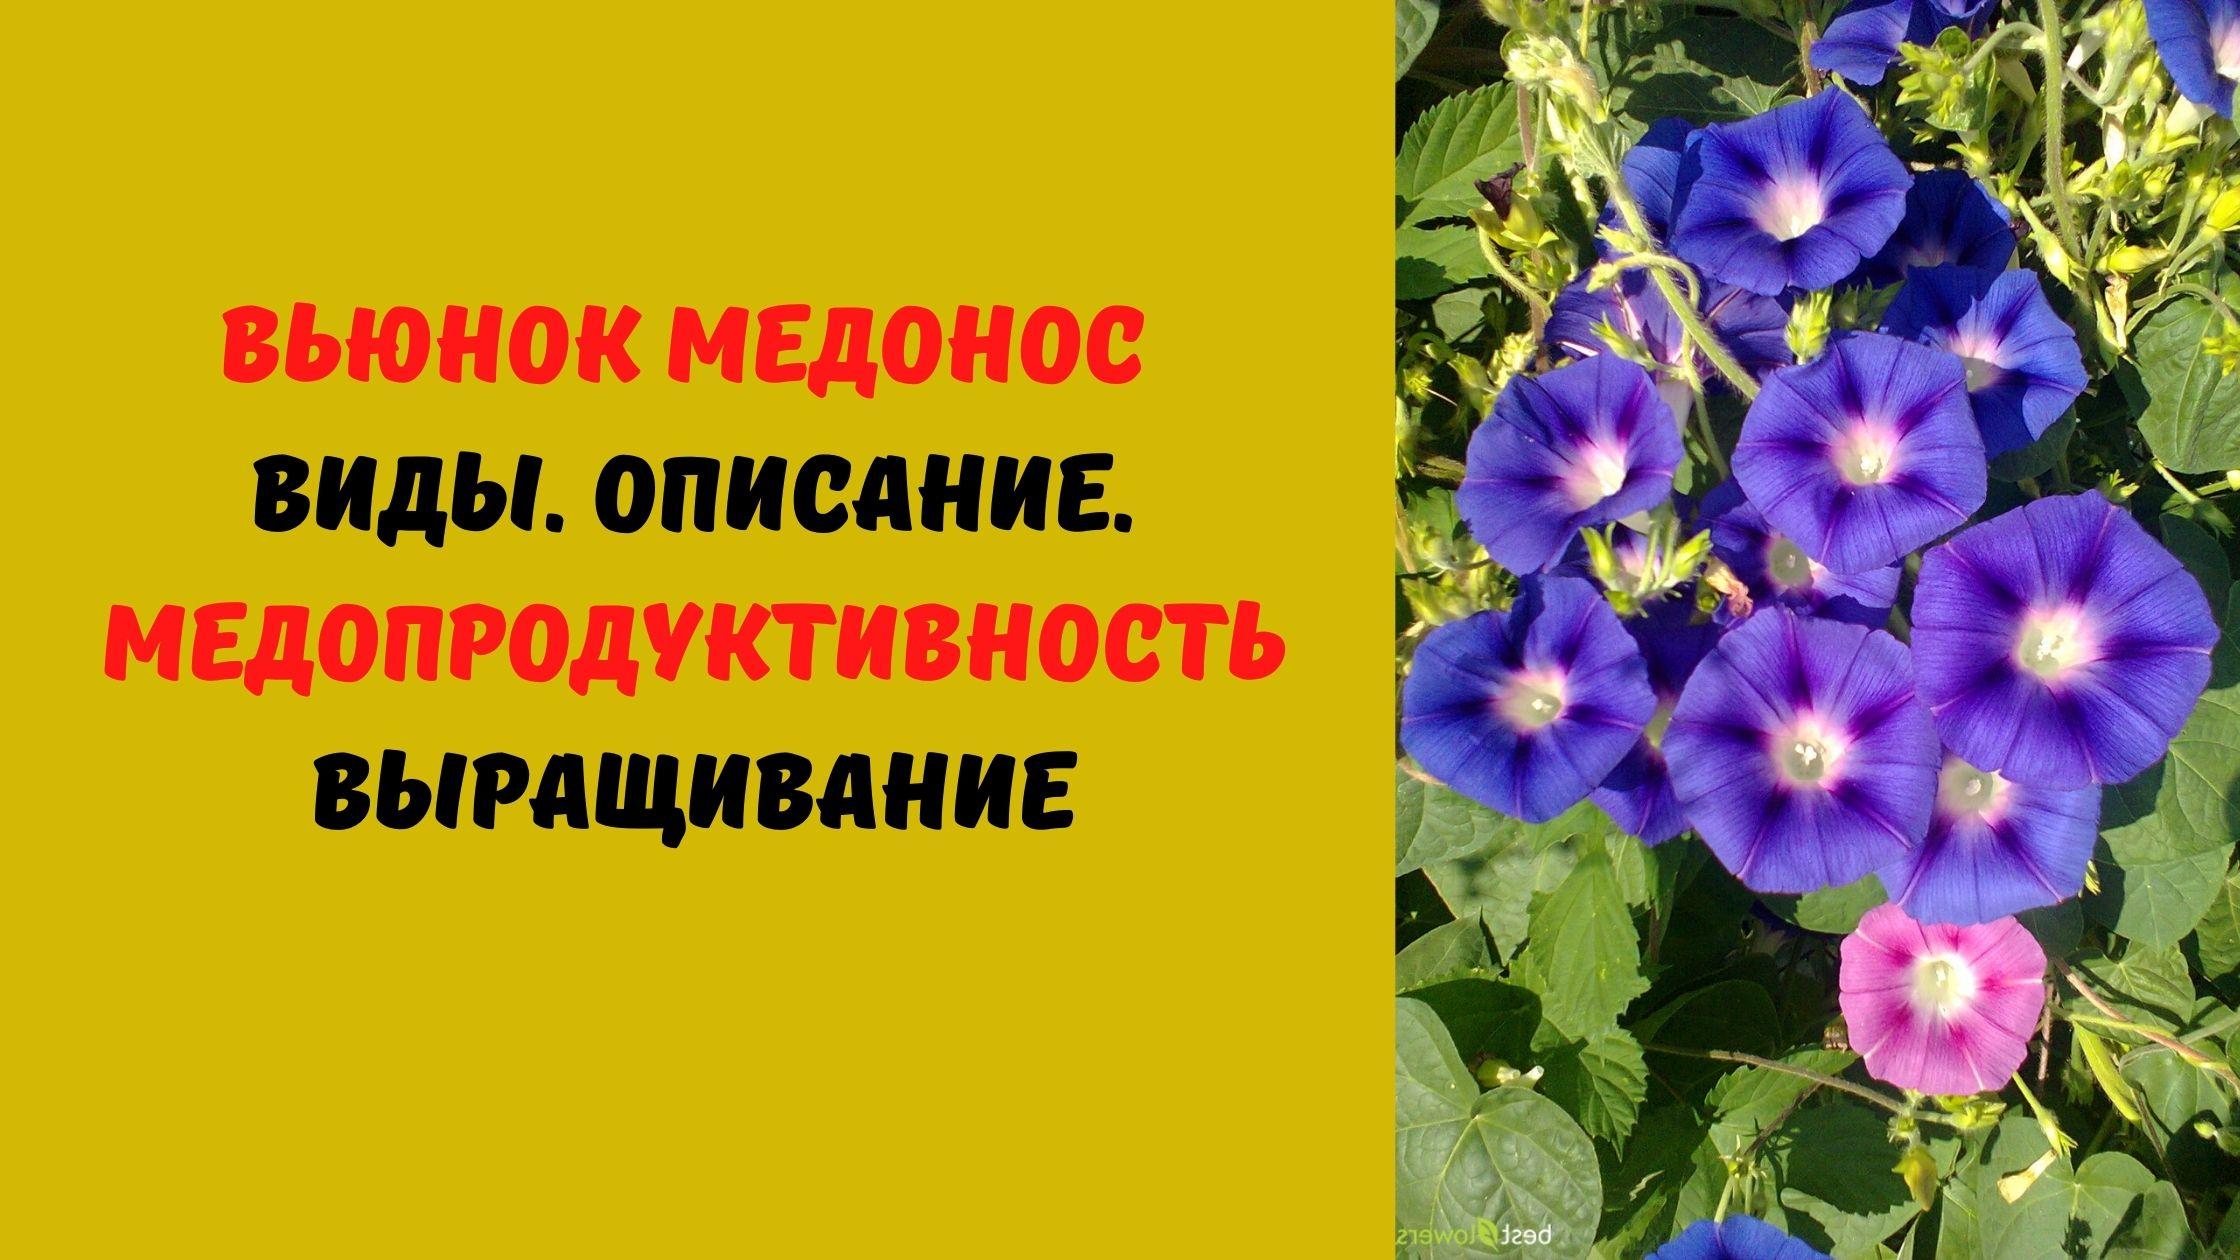 ВЬЮНОК МЕДОНОС